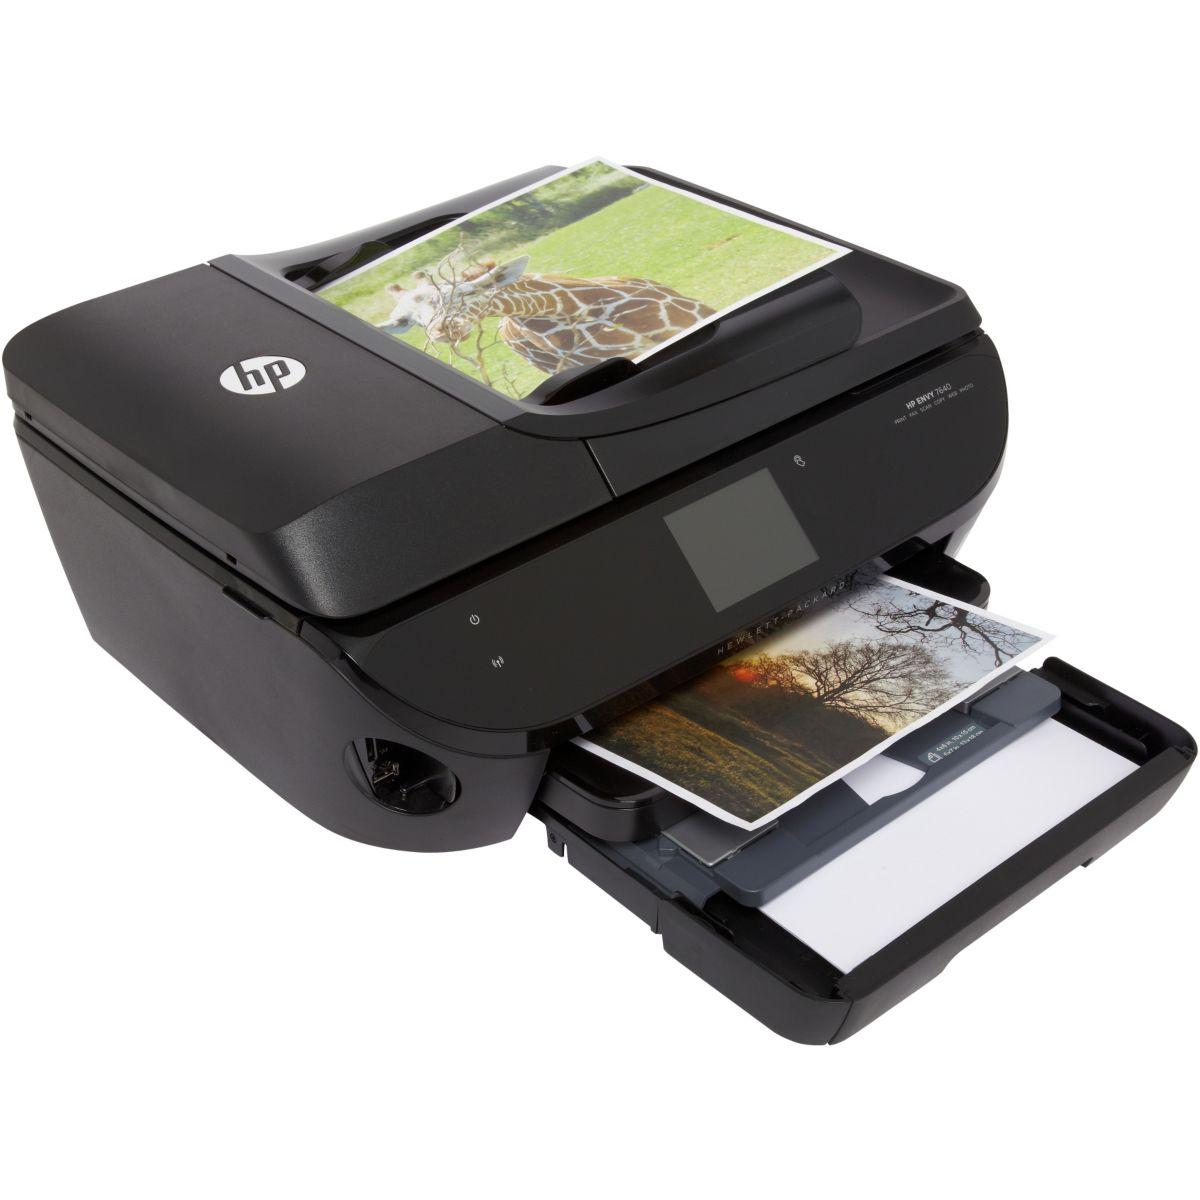 Imprimante multifonction jet d'encre HP Envy 7640 (photo)